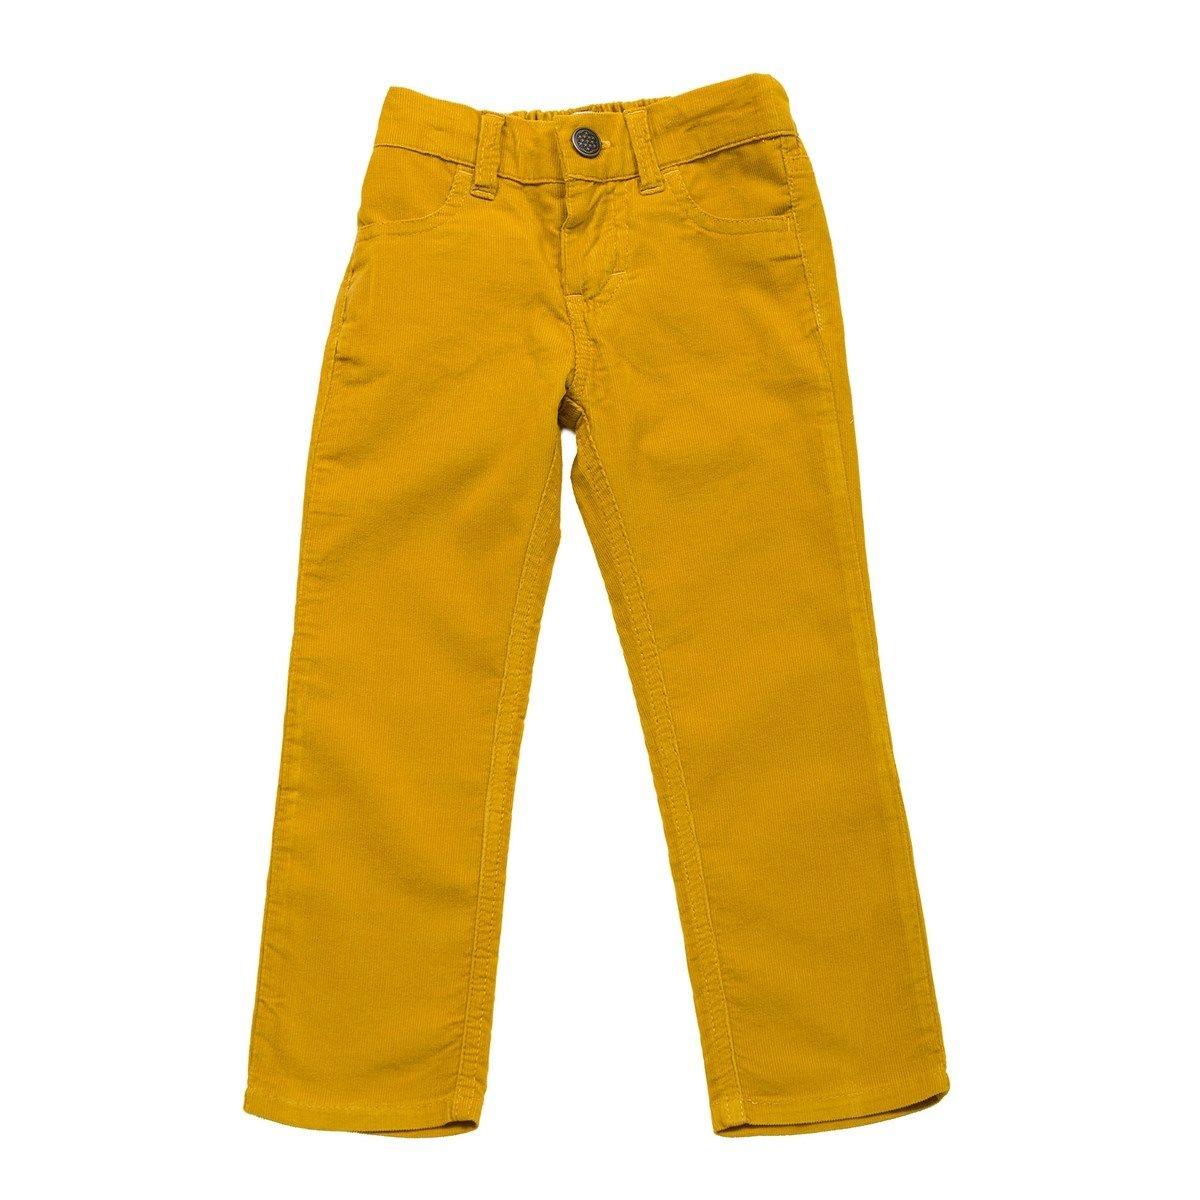 Pantalon slim taille ajustable et élastique